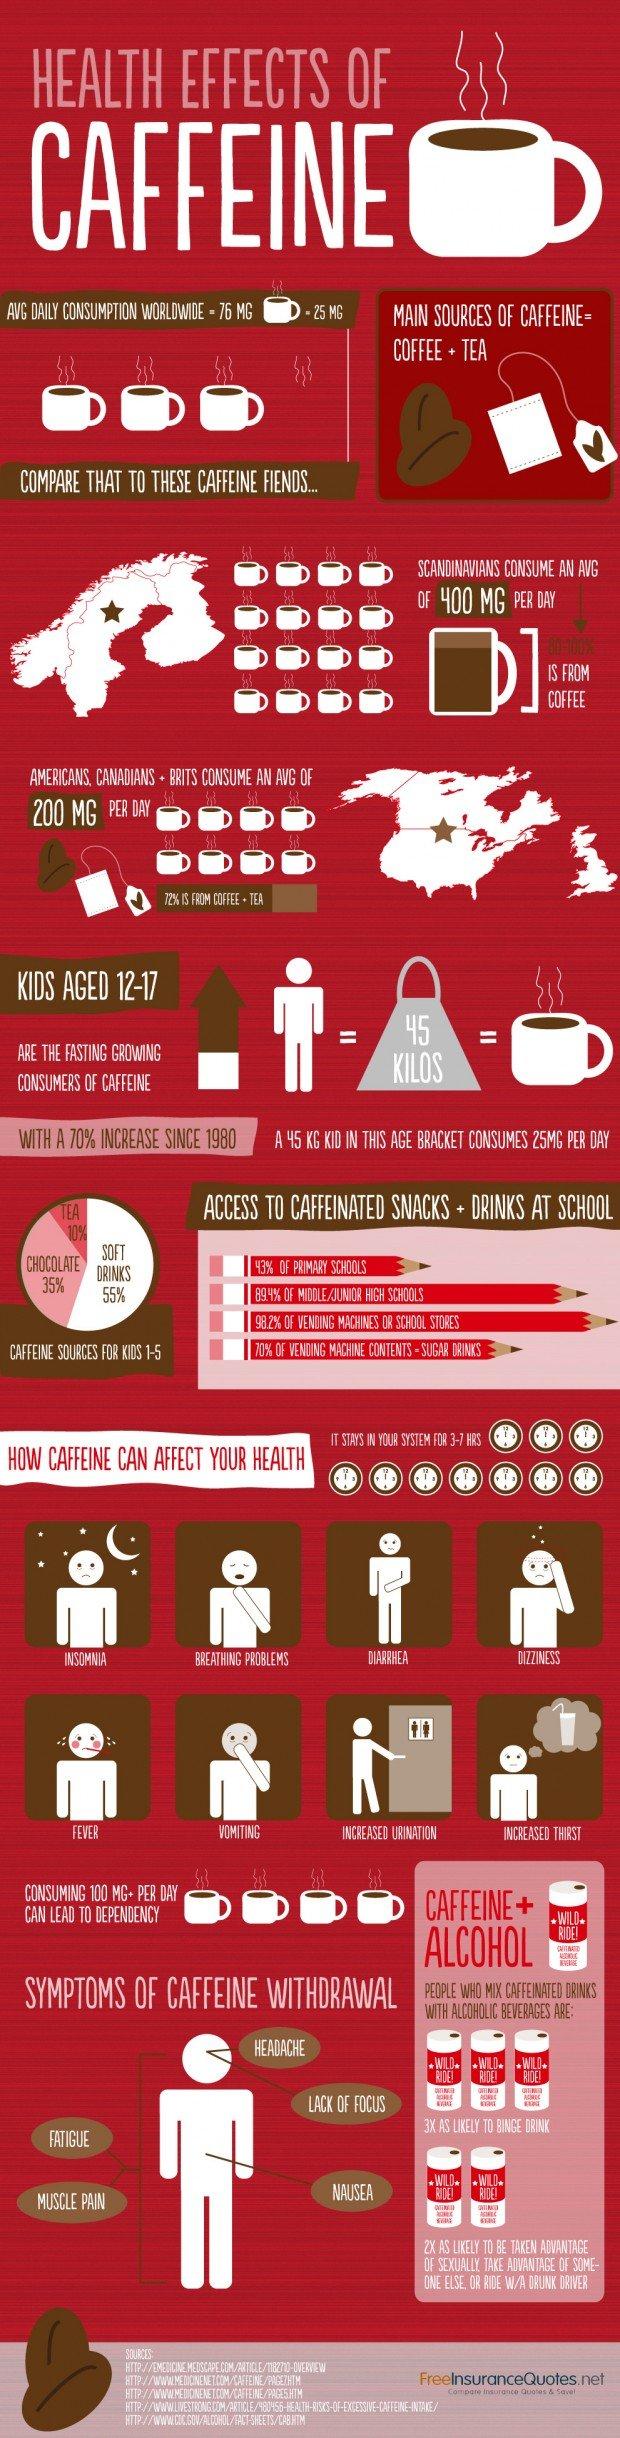 caffeine health effects